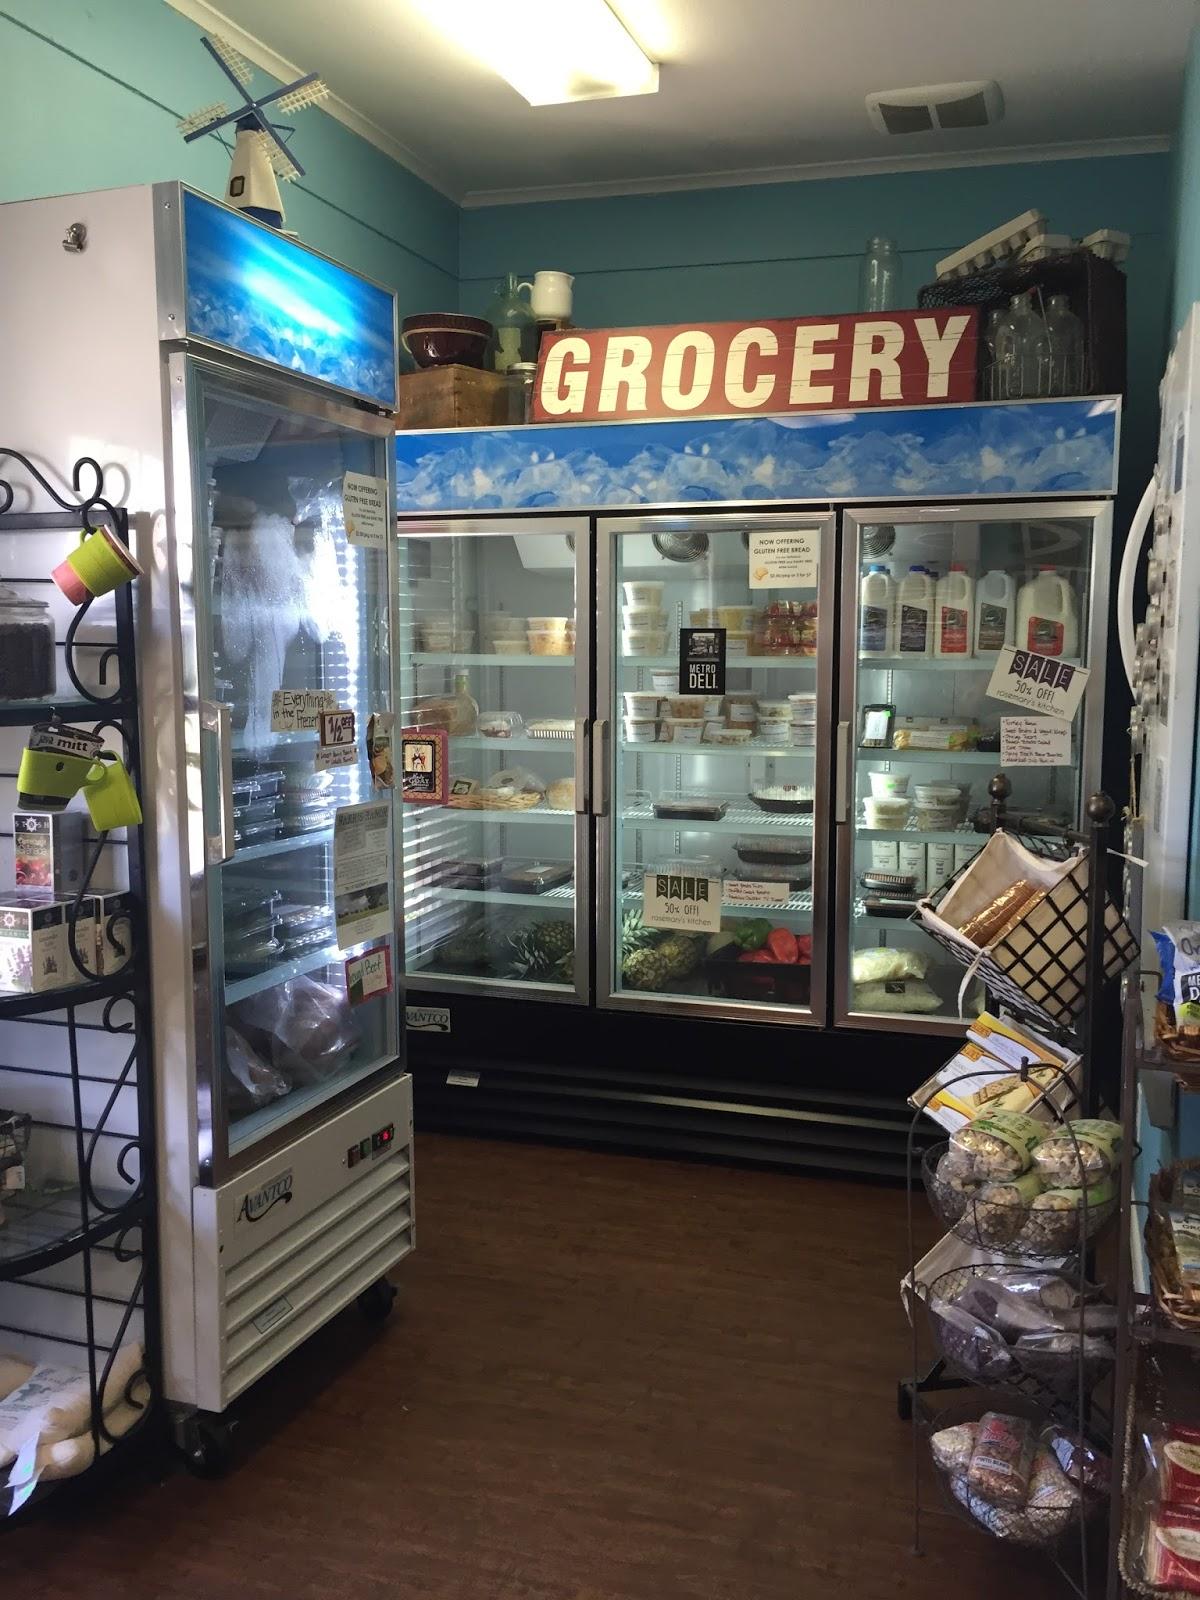 Rosemary S Kitchen Ruston Facebook